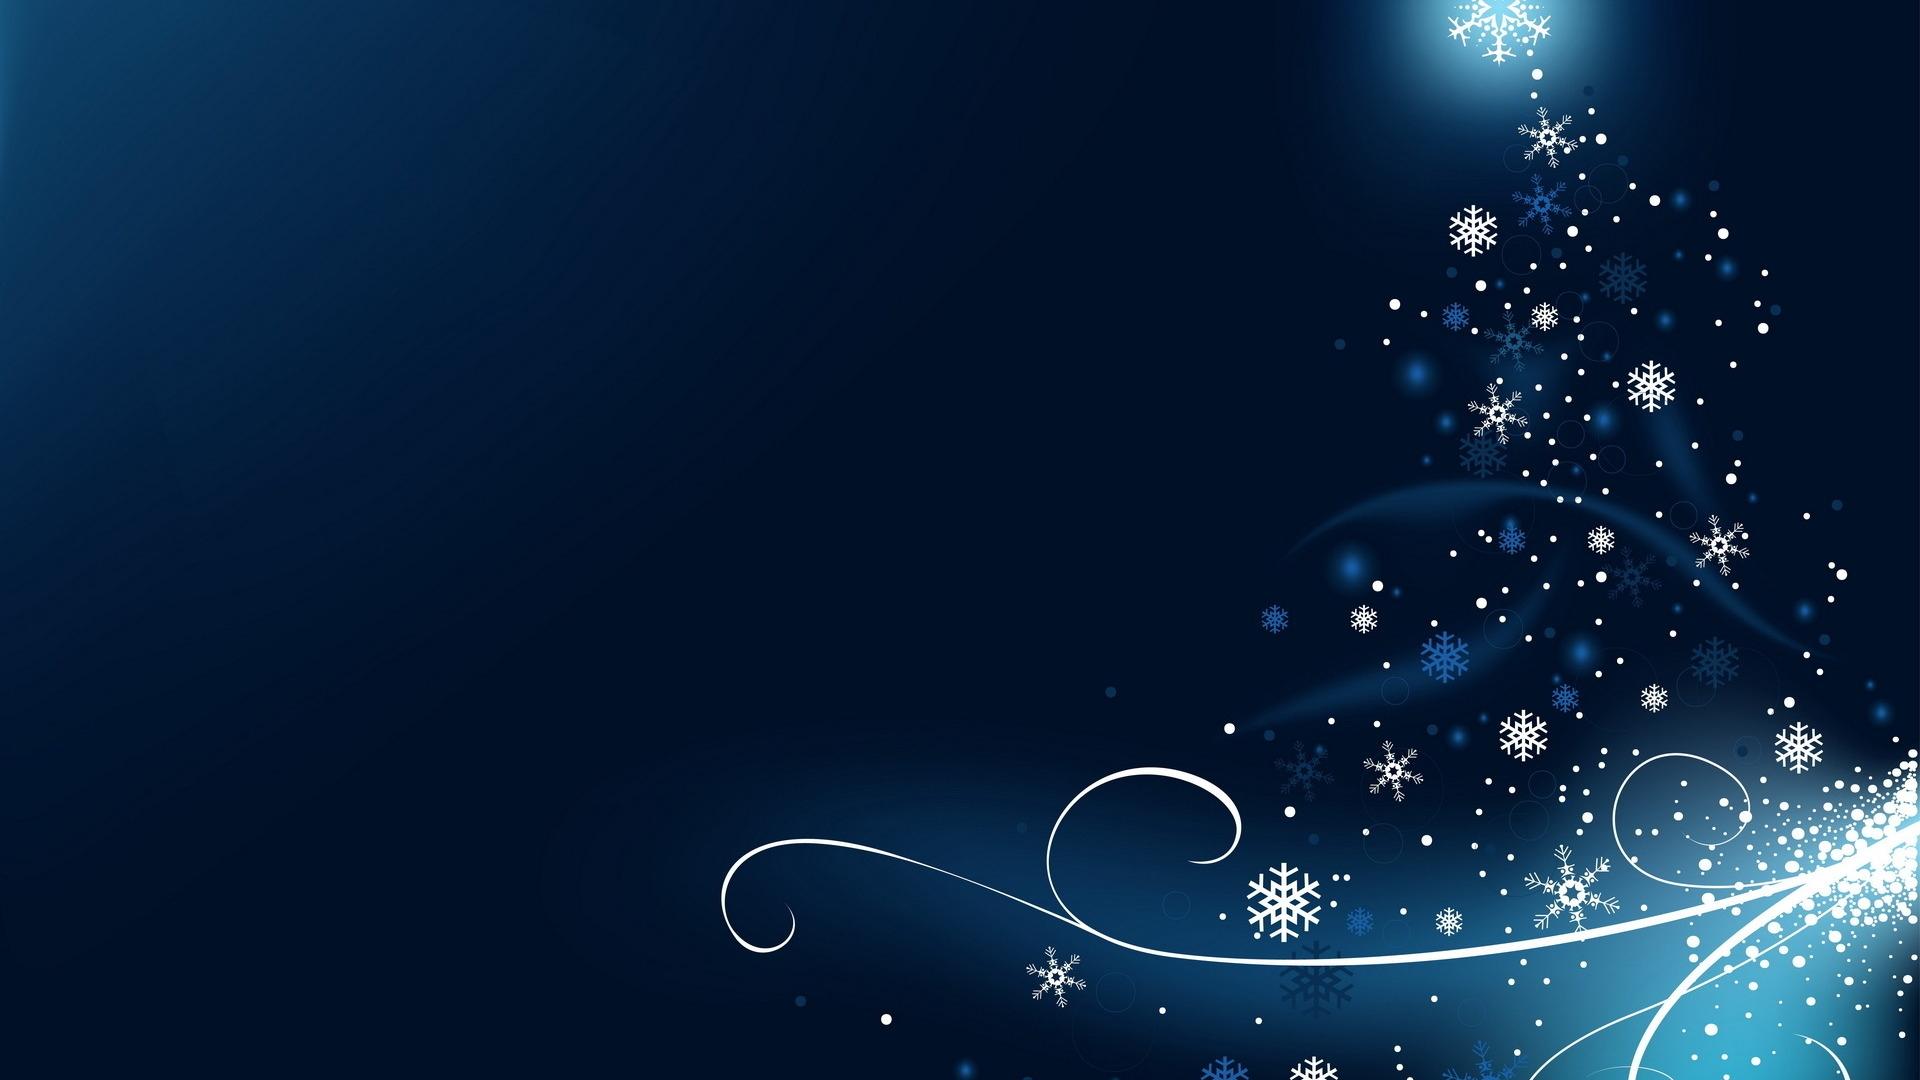 17 wonderful hd snowflakes wallpapers